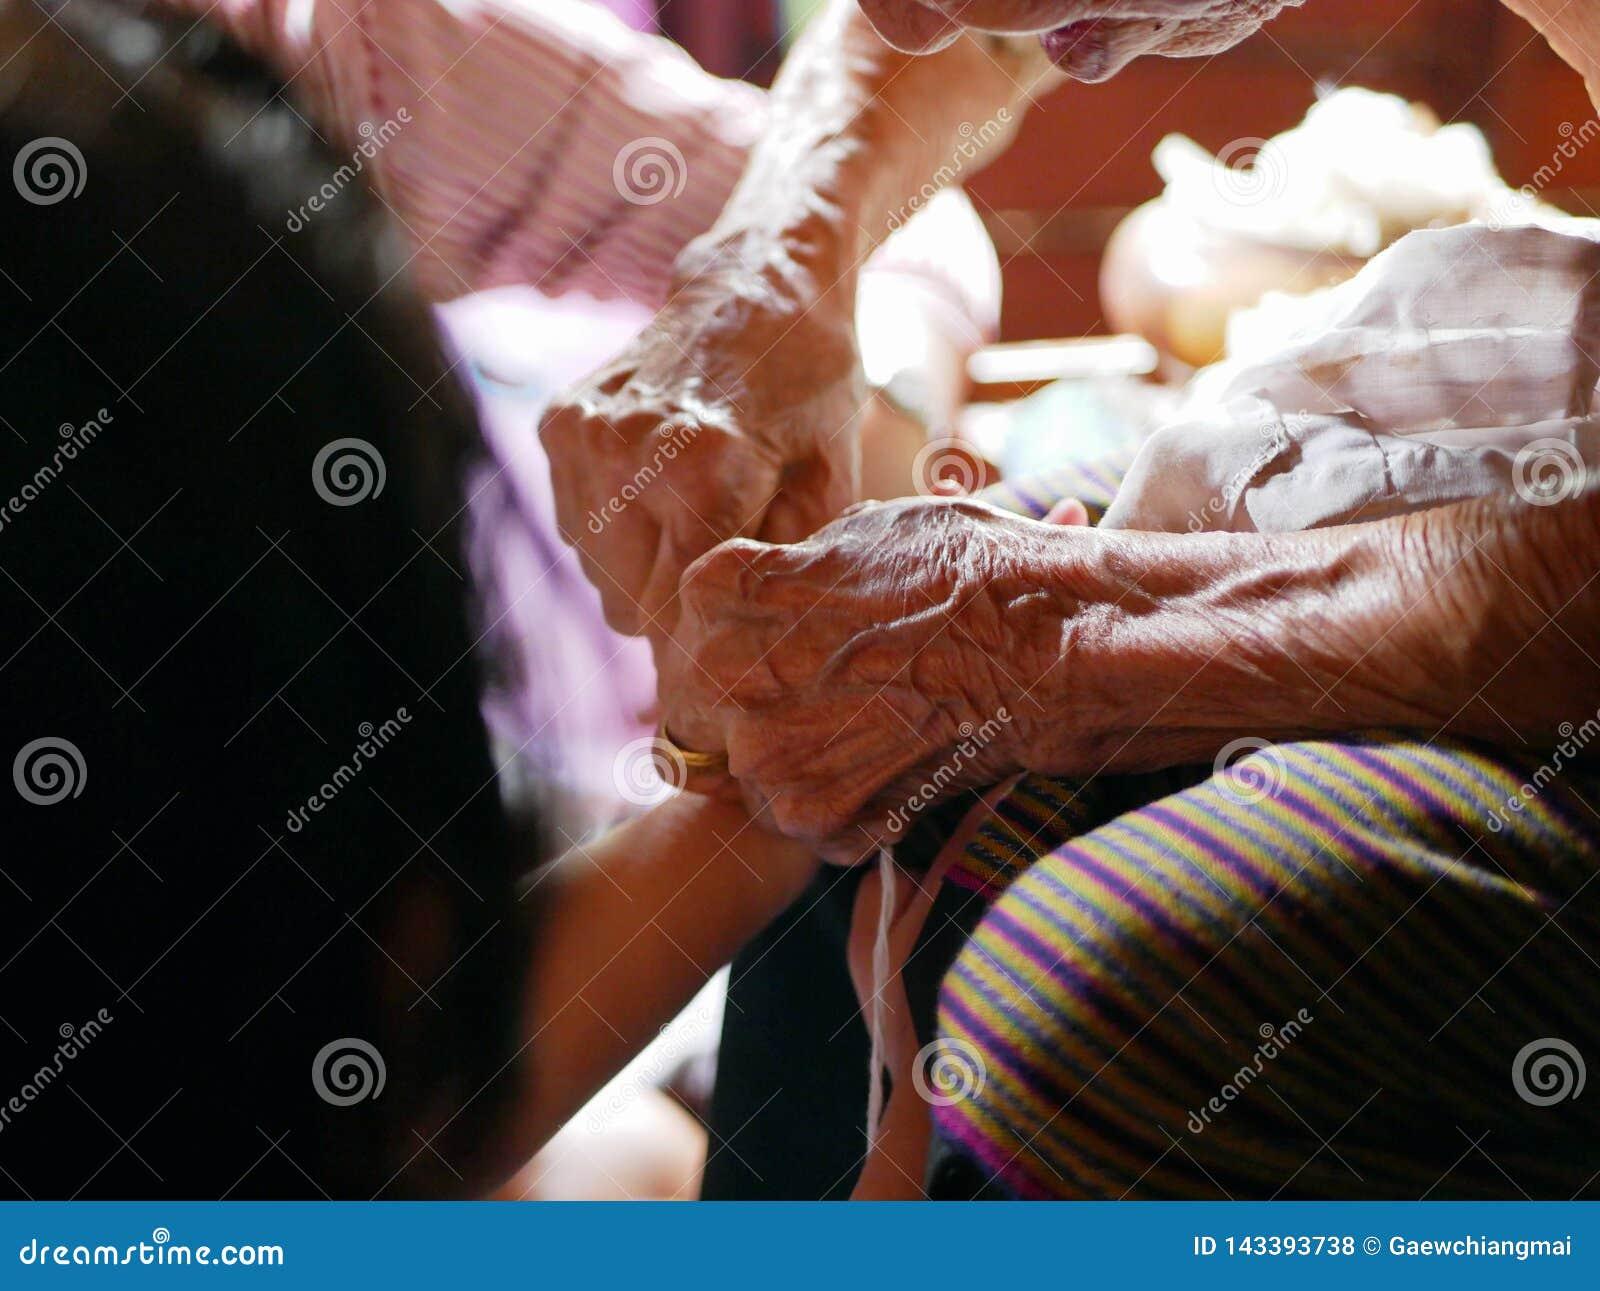 Hände der alten Frau ziehend, eine weiße Schnur Sai Sin nach der Bindung sie um ihre Enkelinhände wellenartig bewegend - thailänd